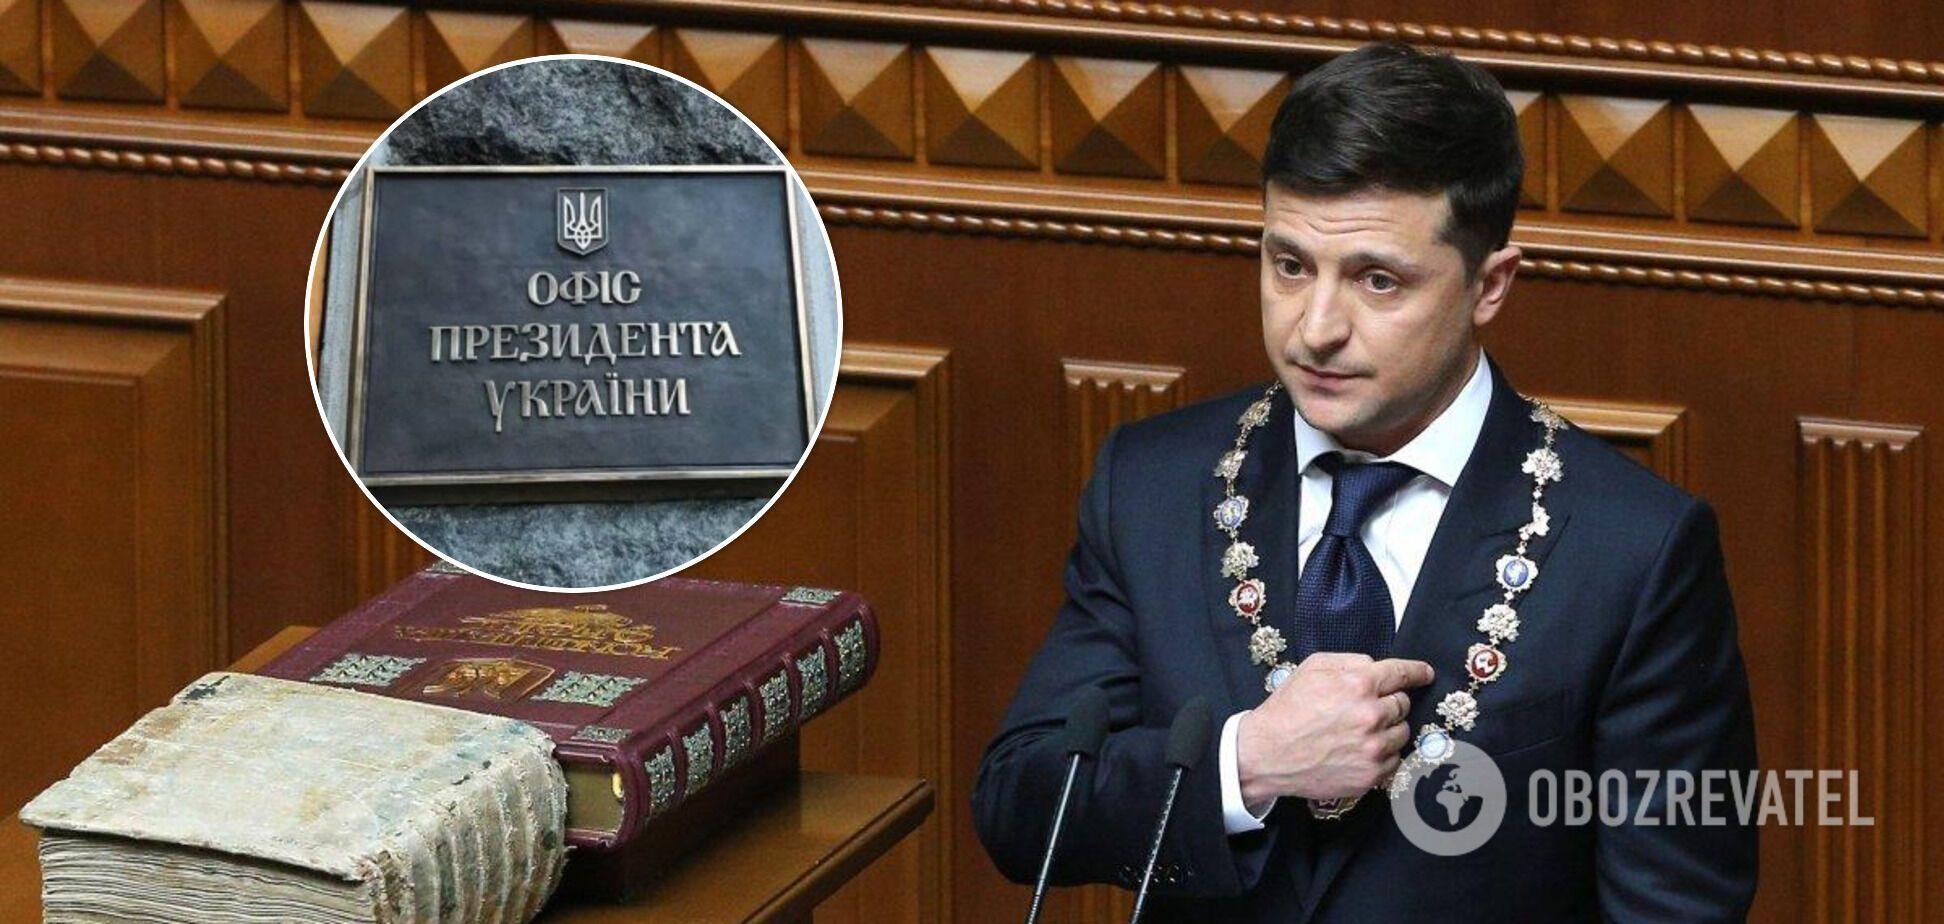 Зеленський ще не ухвалиа рішення, чи йтиме на другий термін президентства